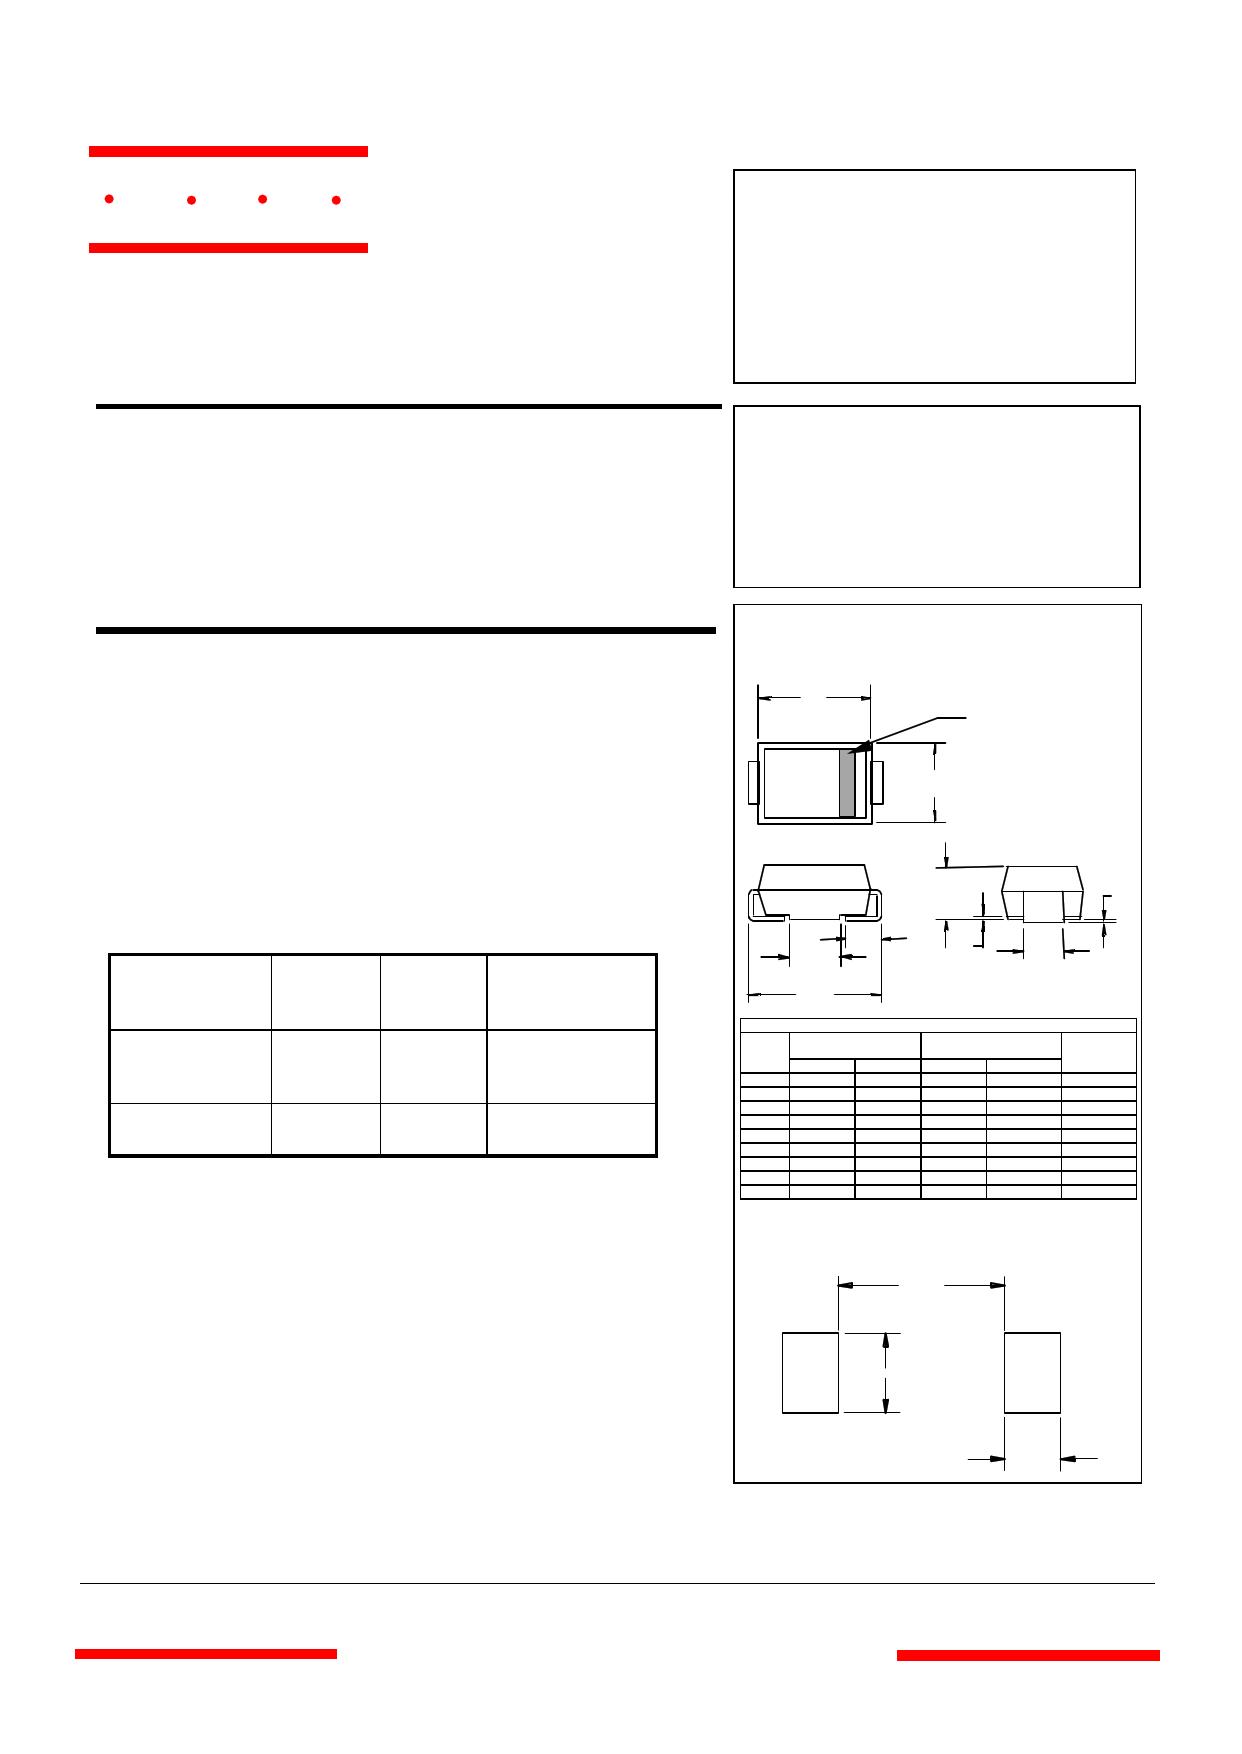 SMBJ5952 Datasheet, SMBJ5952 PDF,ピン配置, 機能